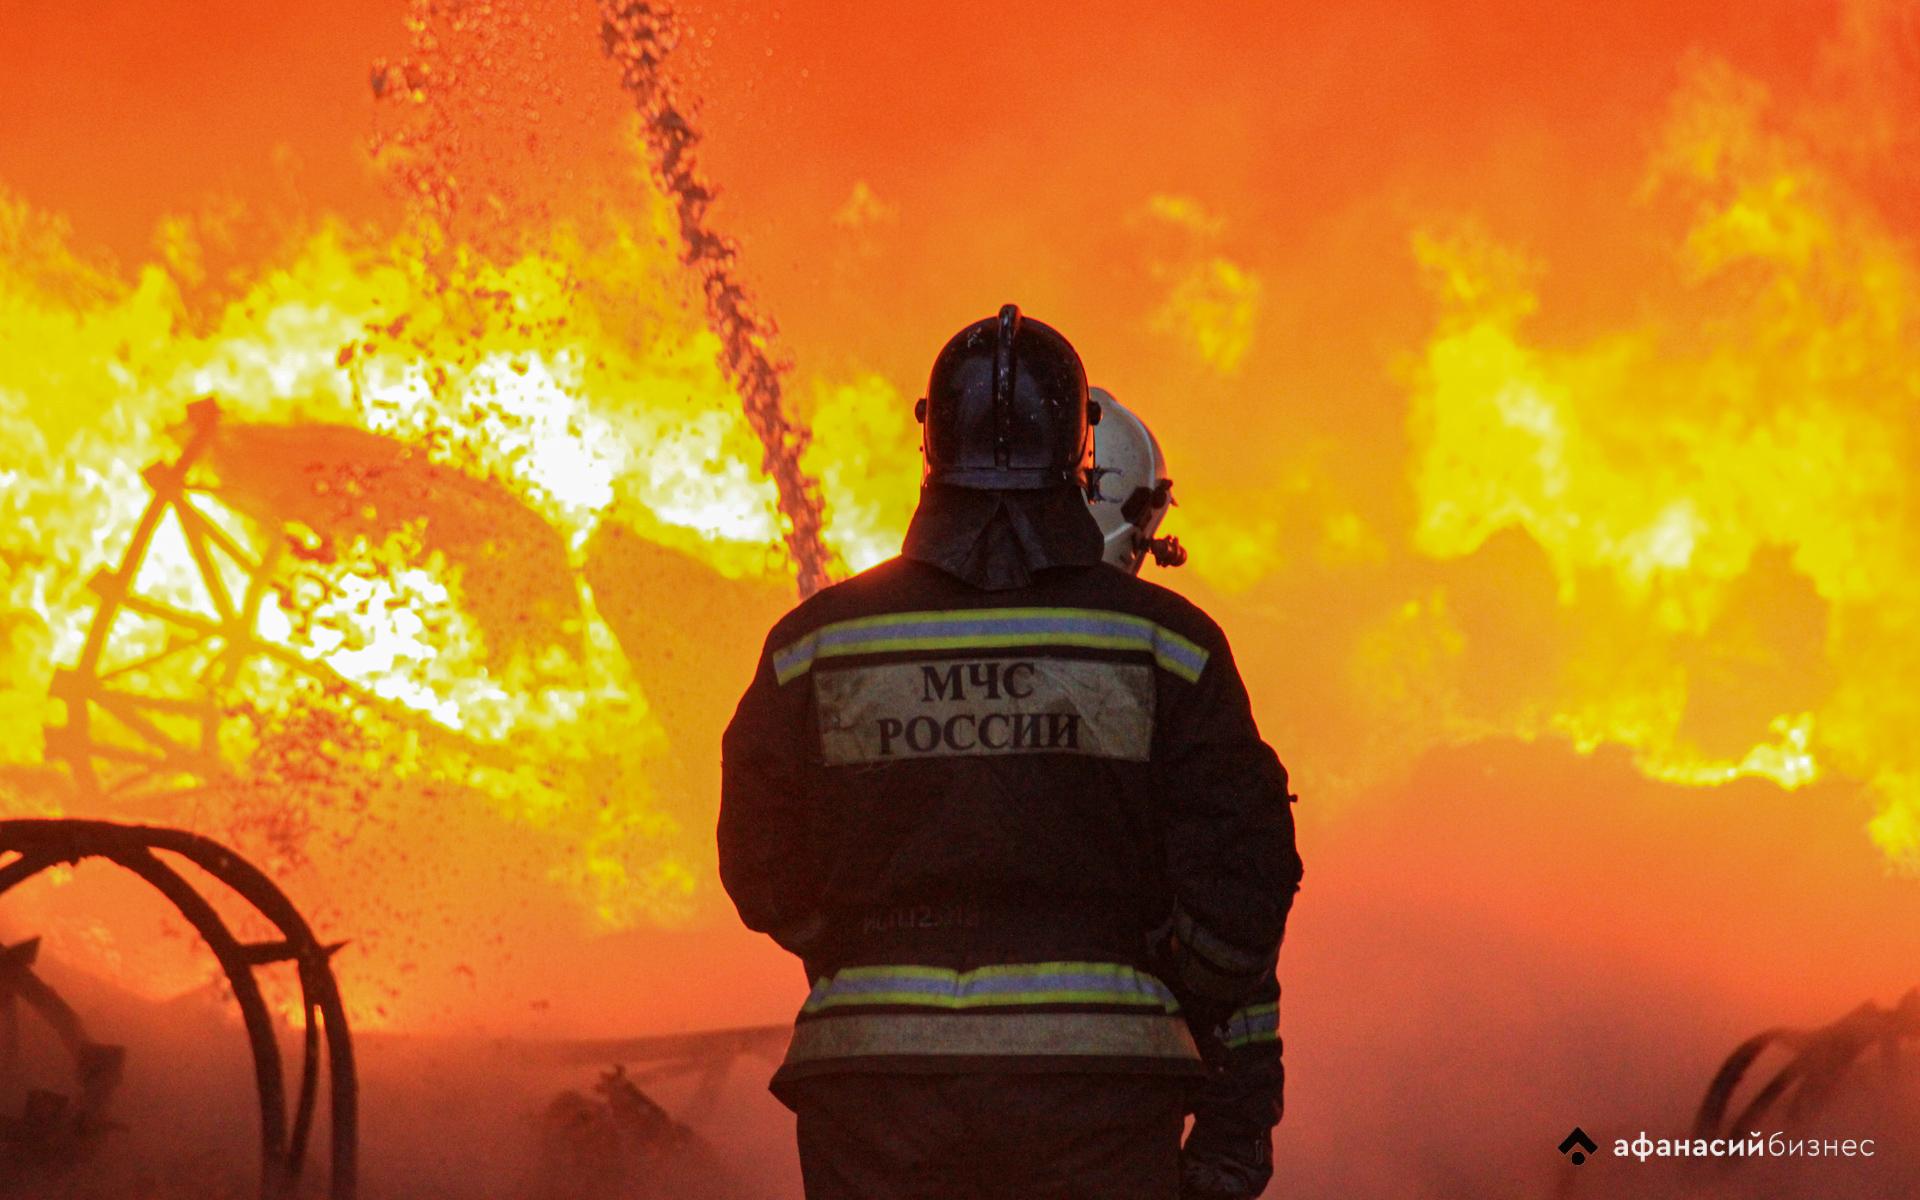 В Тверской области в сгоревшем доме нашли тело погибшего - новости Афанасий